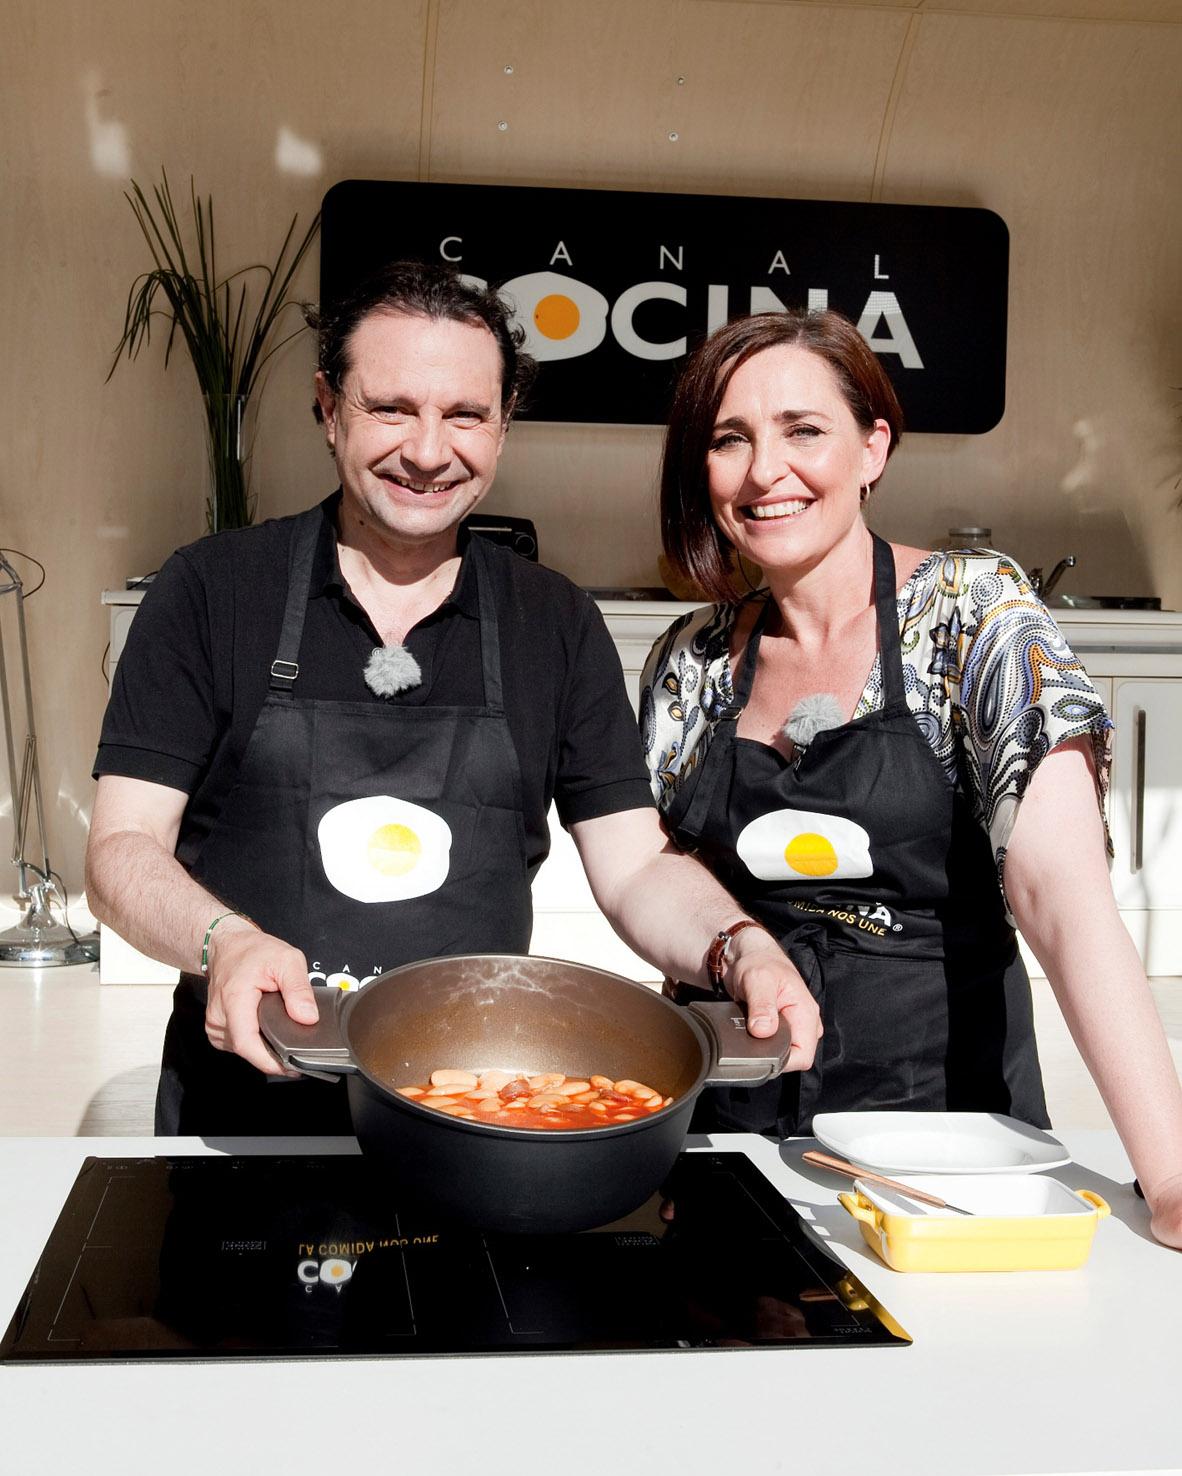 Canal cocina segovia065 amc networks - Canal de cocina ...